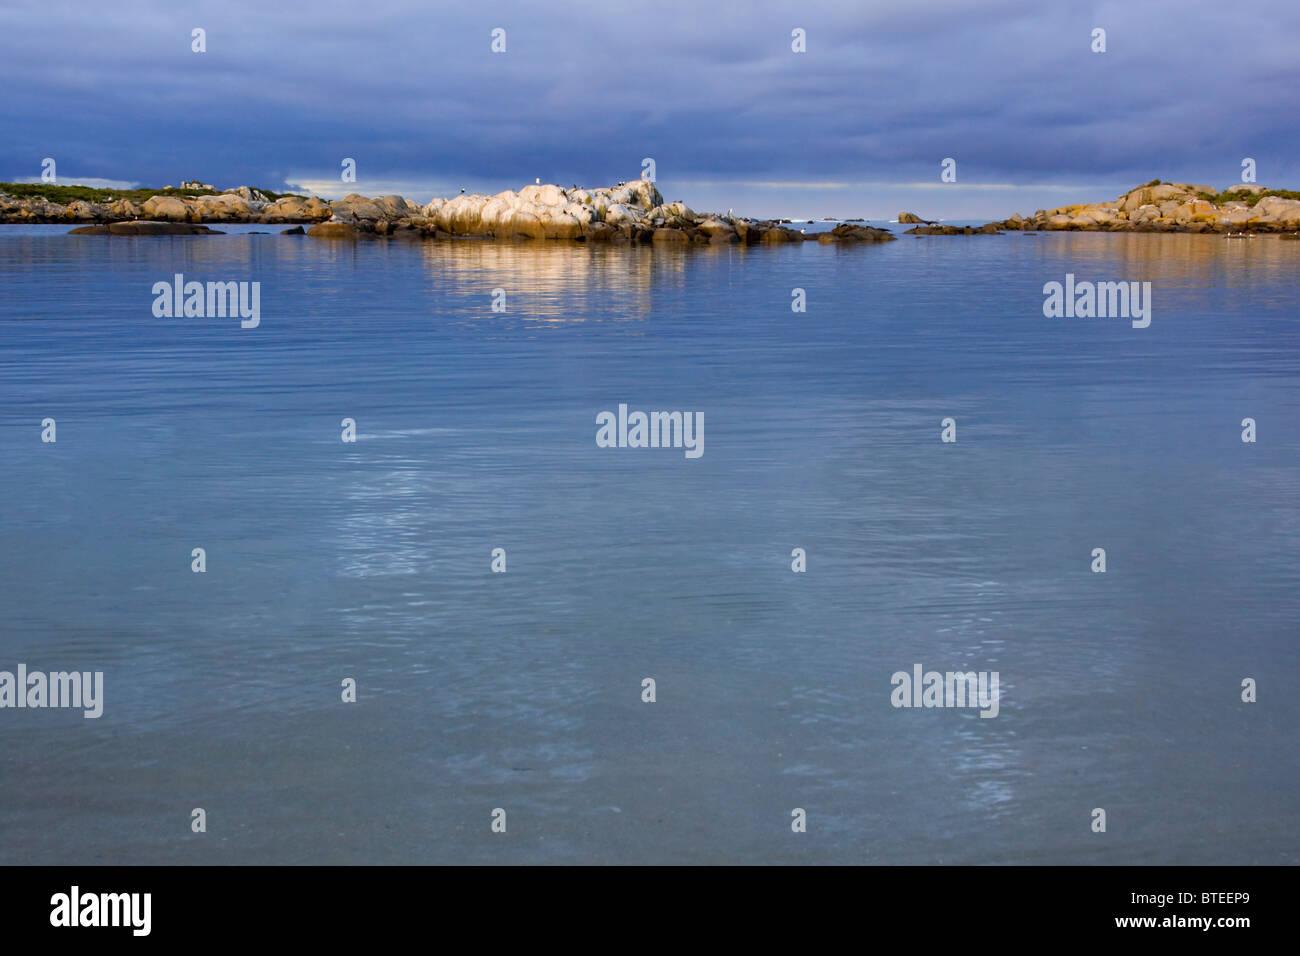 L'eau bleue et un ciel bleu avec des îles de roches dans l'arrière-plan Photo Stock